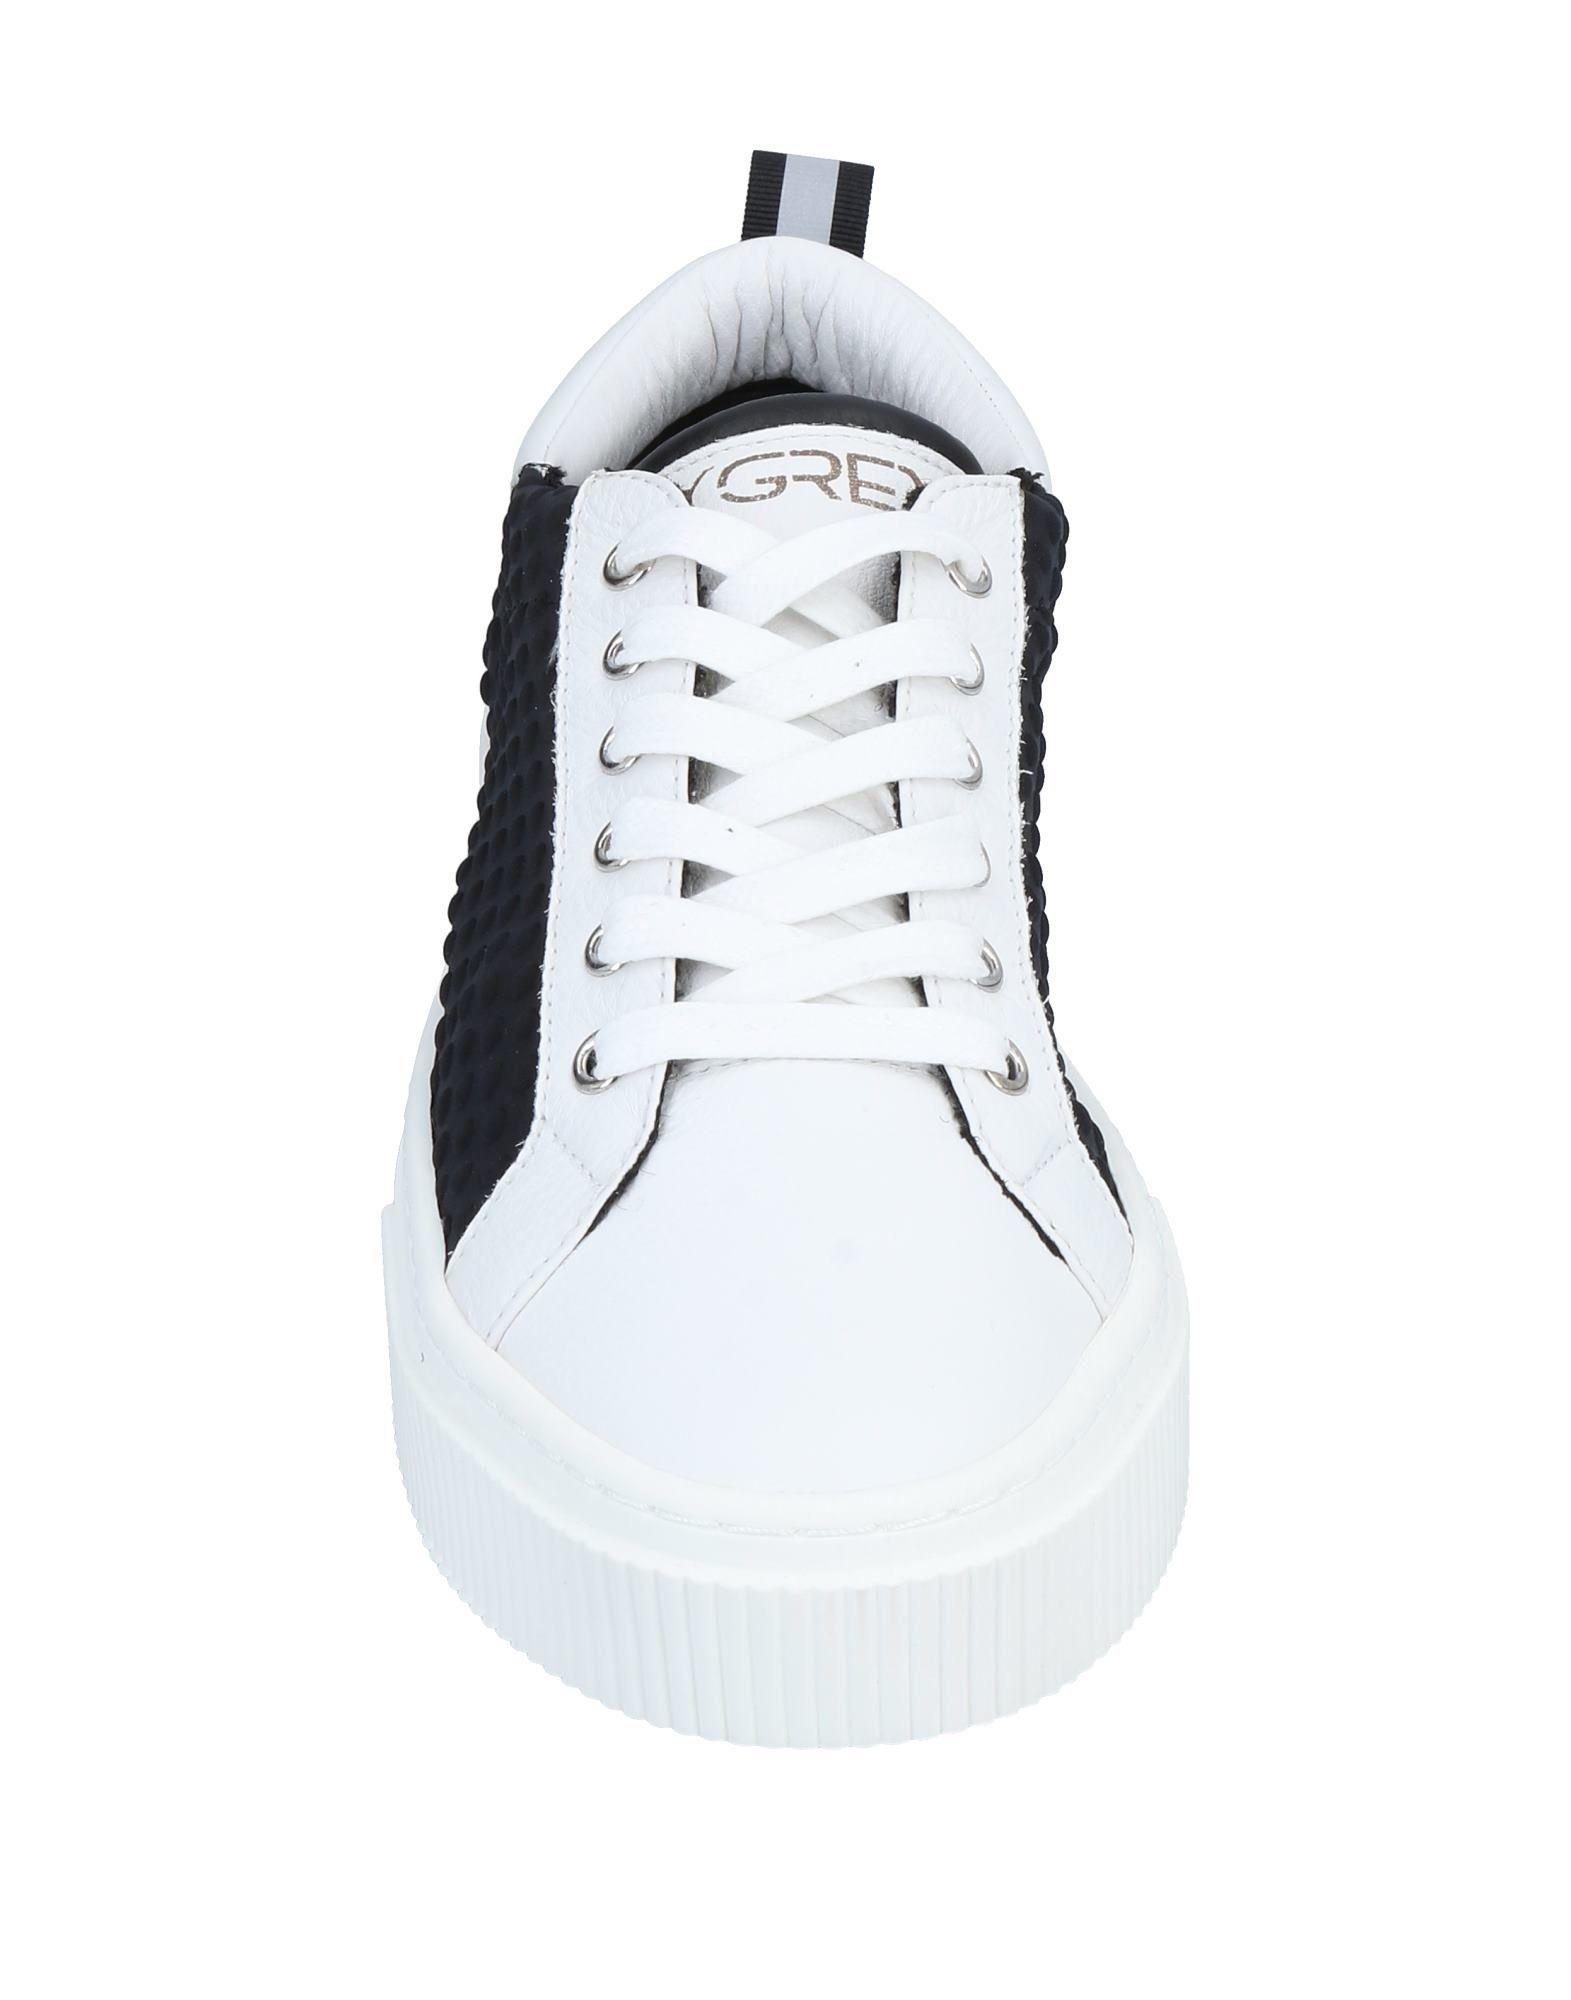 Stilvolle Sneakers billige Schuhe My Grau Sneakers Stilvolle Damen  11568728VO 54a67a